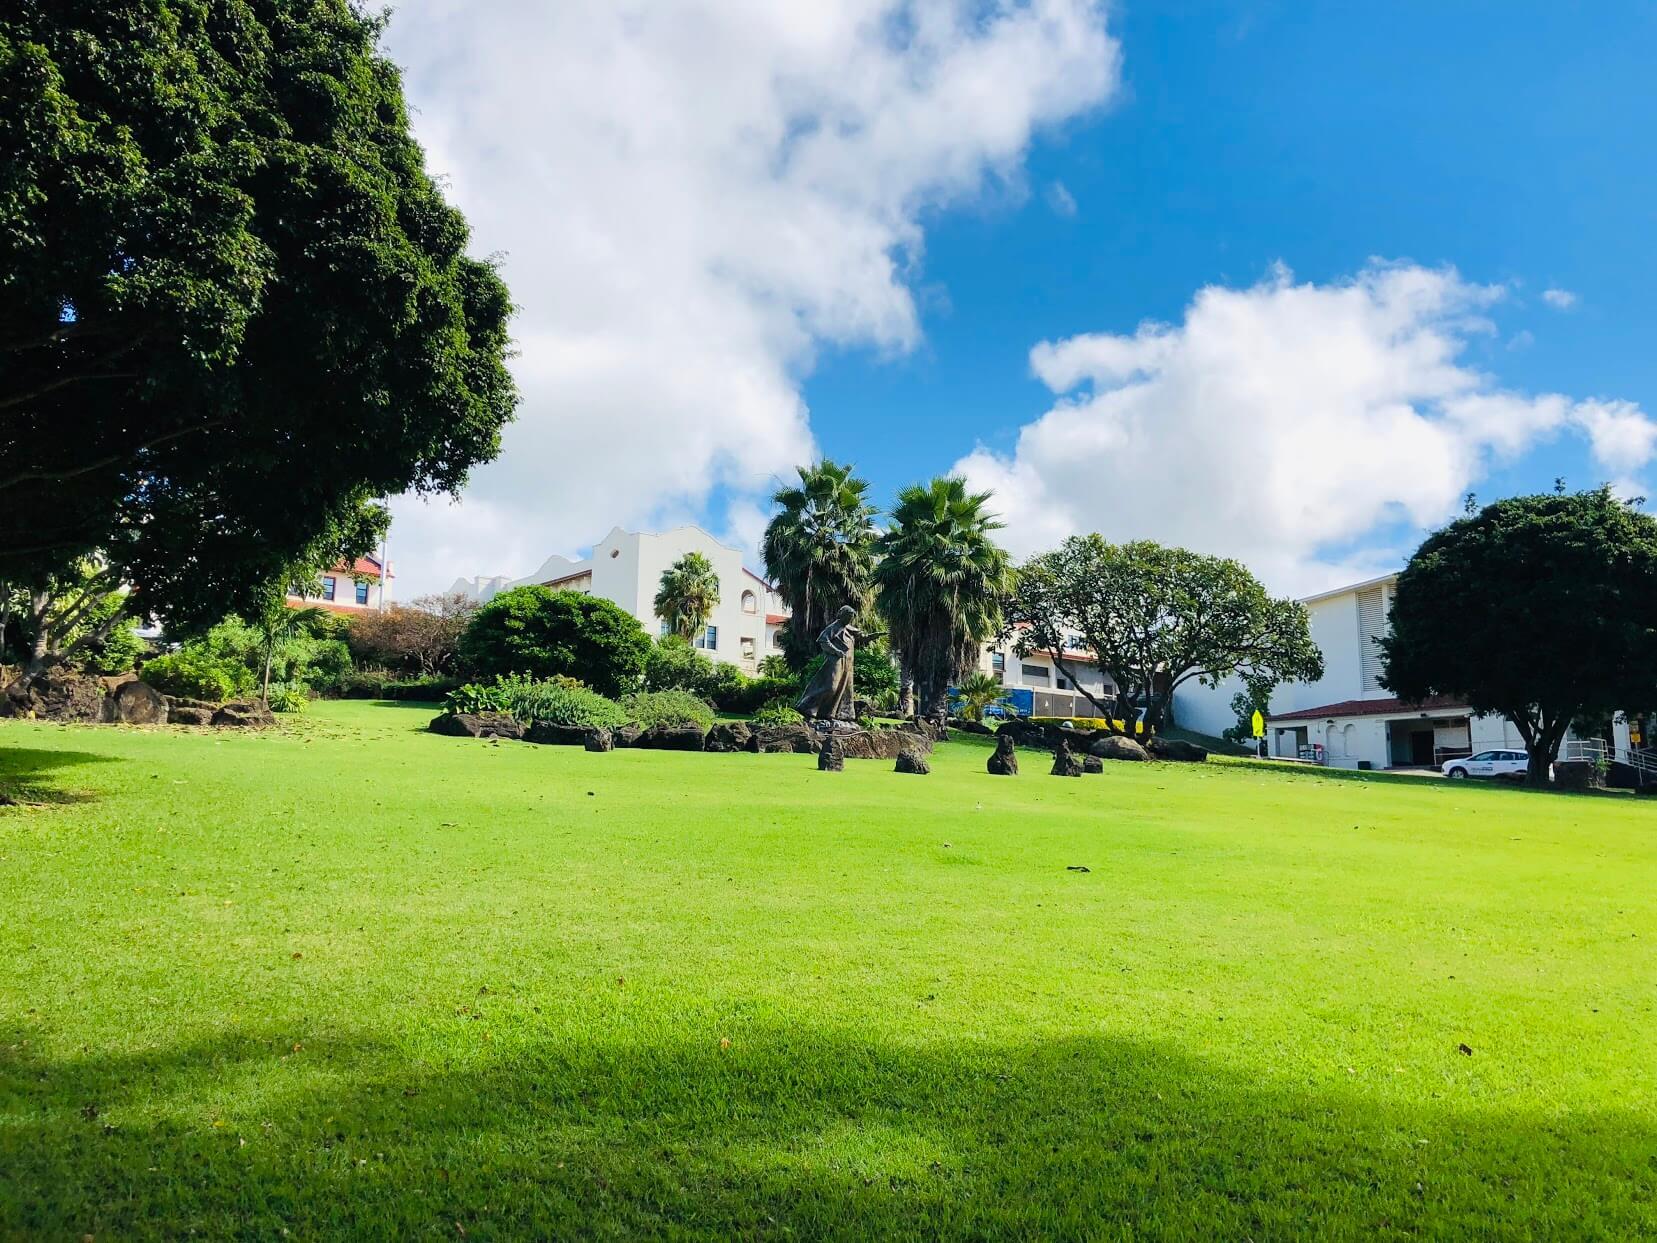 Regency Parkの芝生